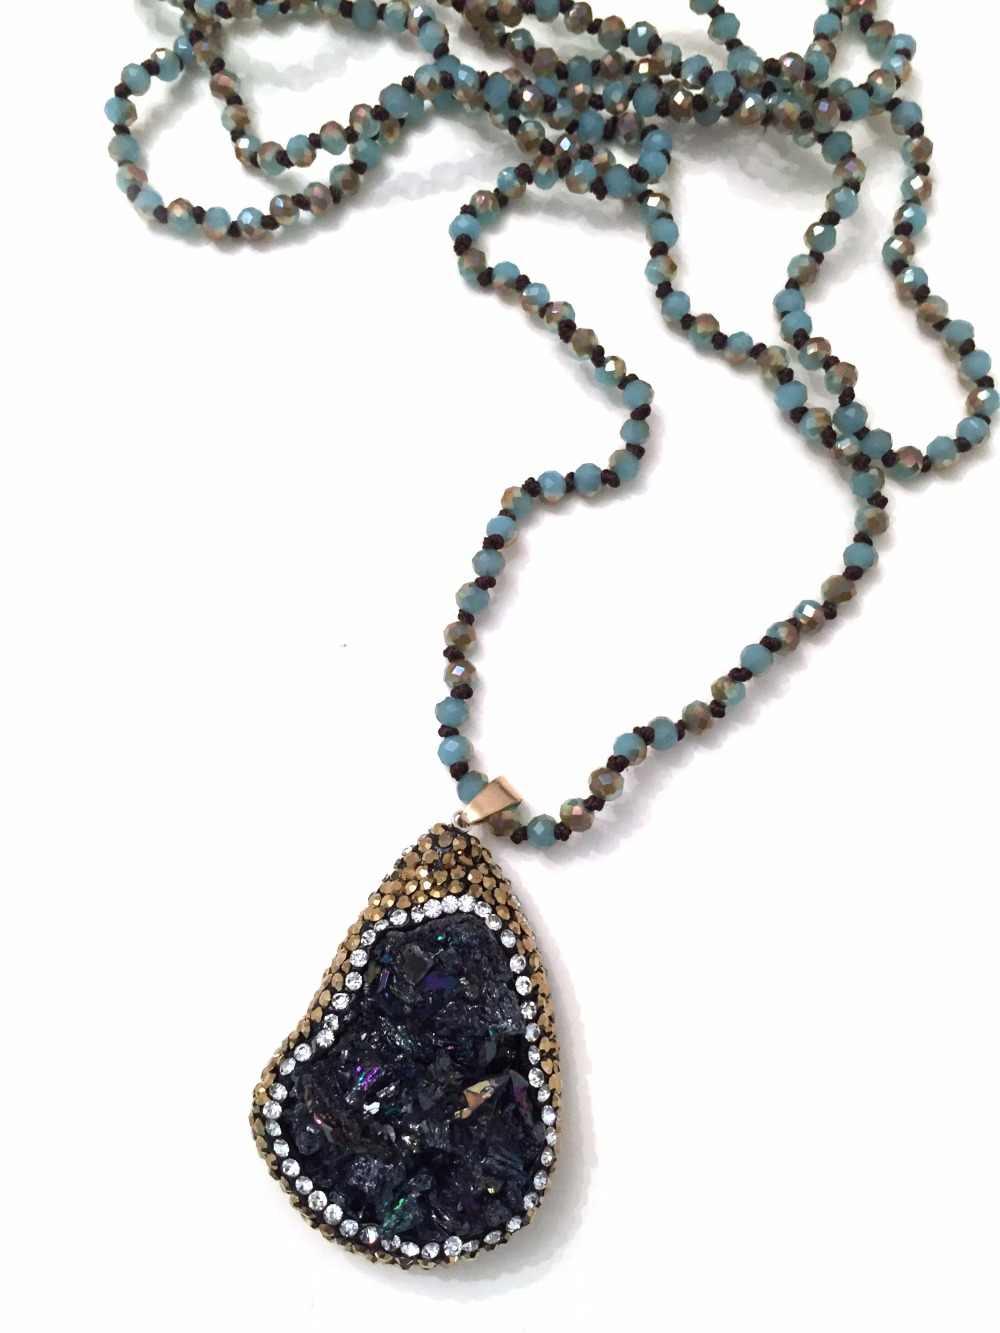 ファッションボヘミアン部族のジュエリー 4 ミリメートルクリスタルガラス結び目 Handmake 舗装天然石ペンダントネックレス